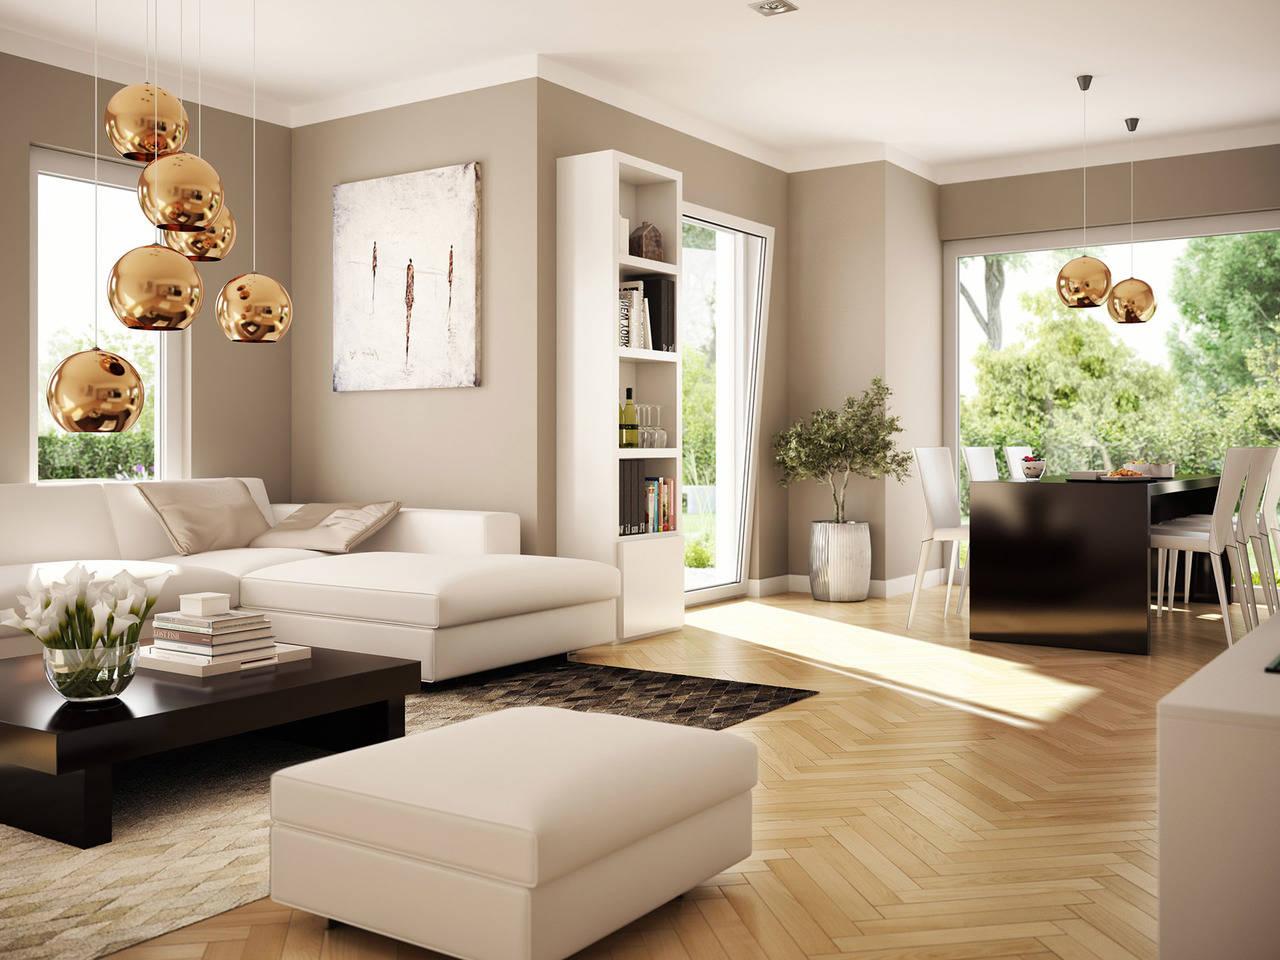 Haus SOLUTION 87 V3 Wohnbereich von Living Haus